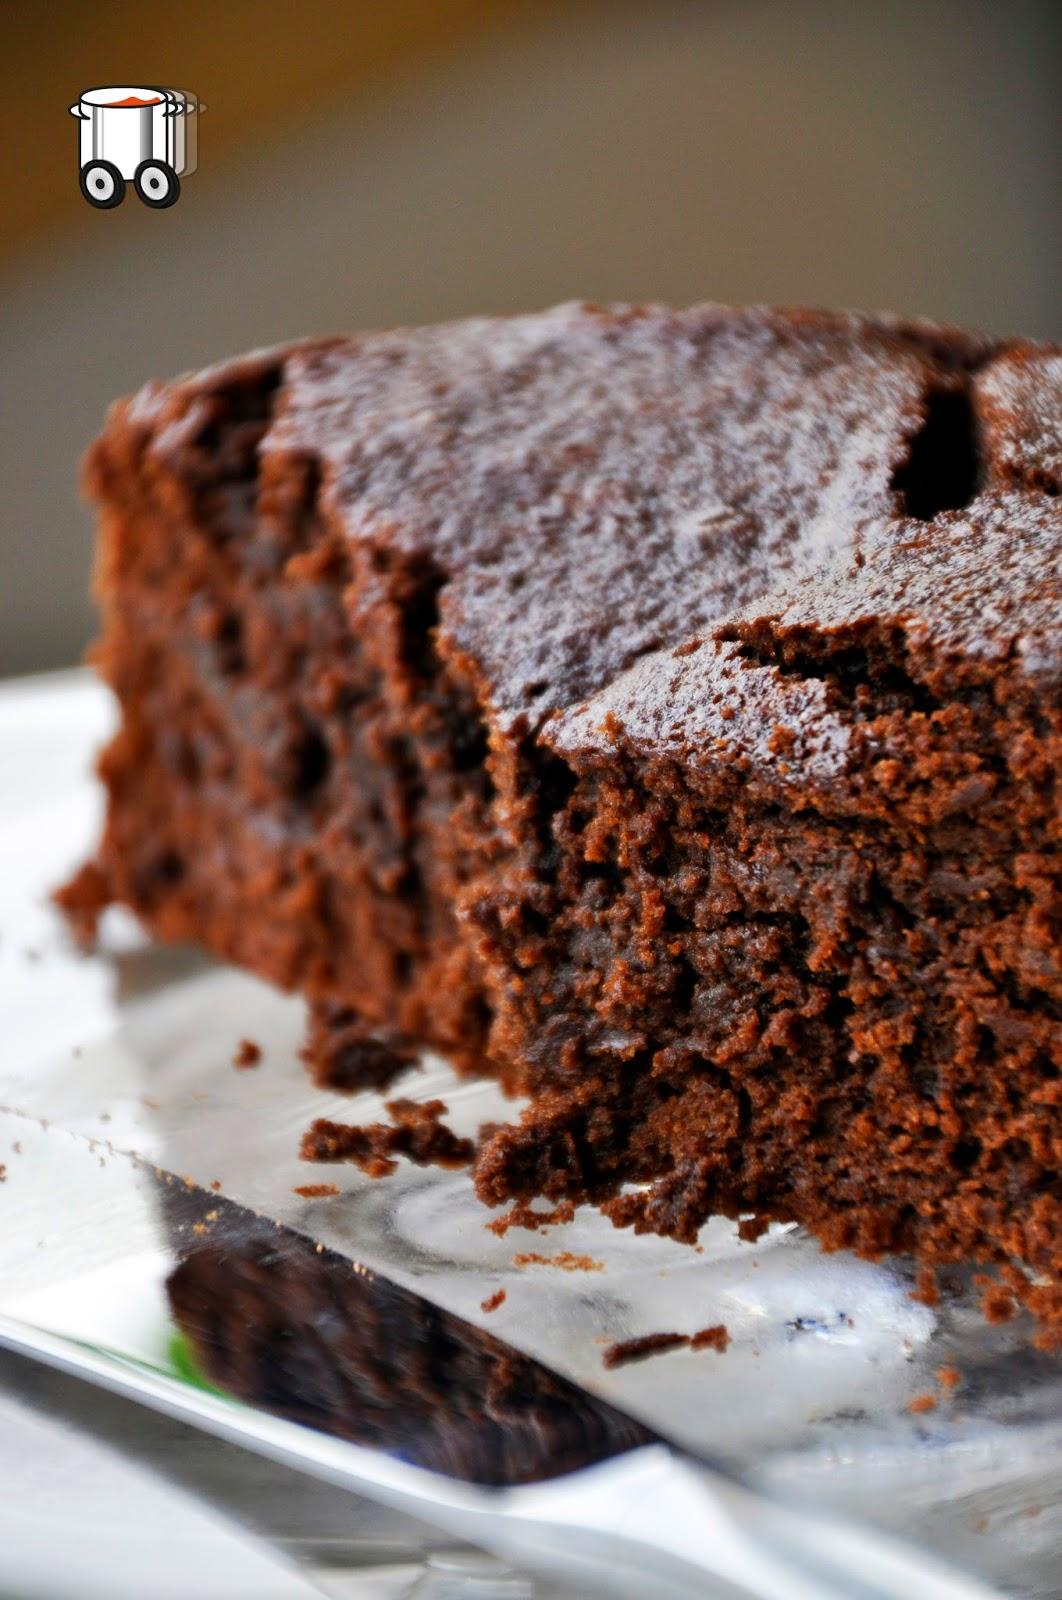 Szybko Tanio Smacznie - Rumowe brownie